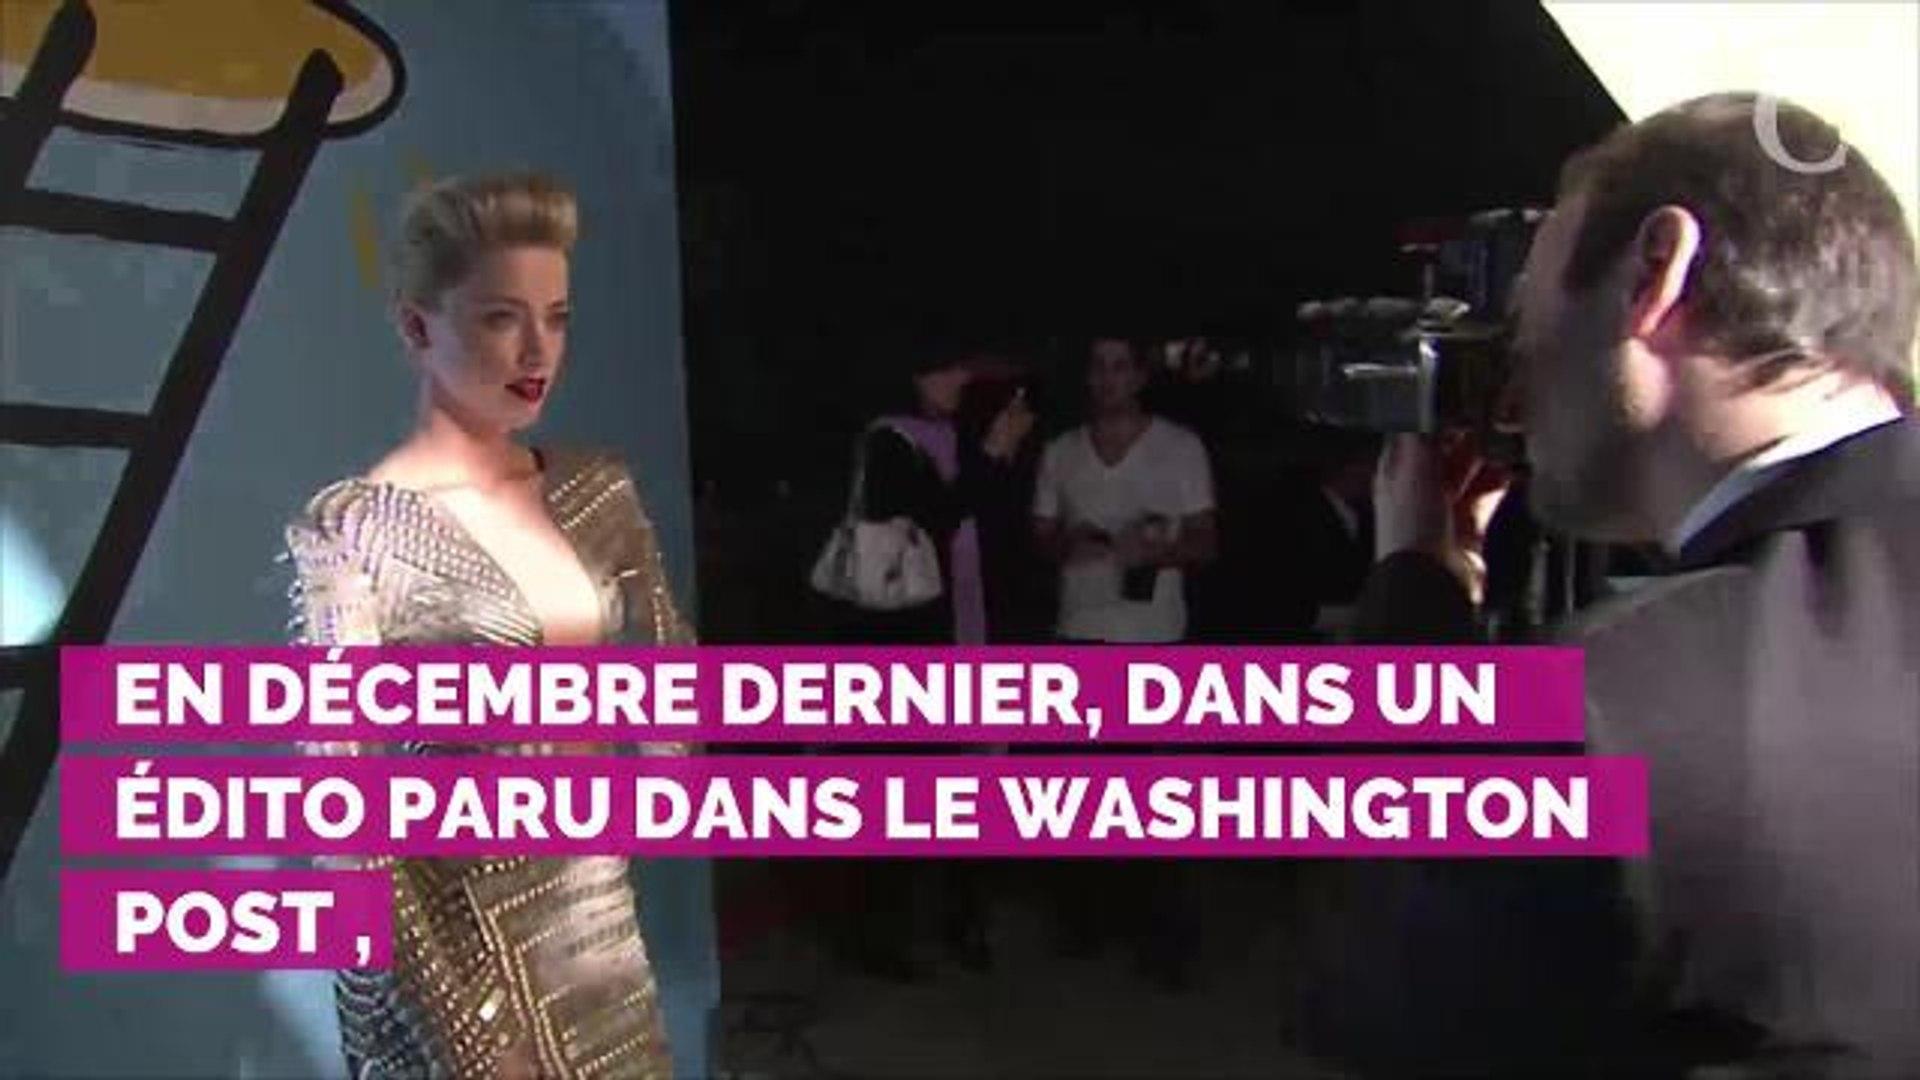 Accusée par Johnny Depp de l'avoir trompé, Amber Heard réplique :